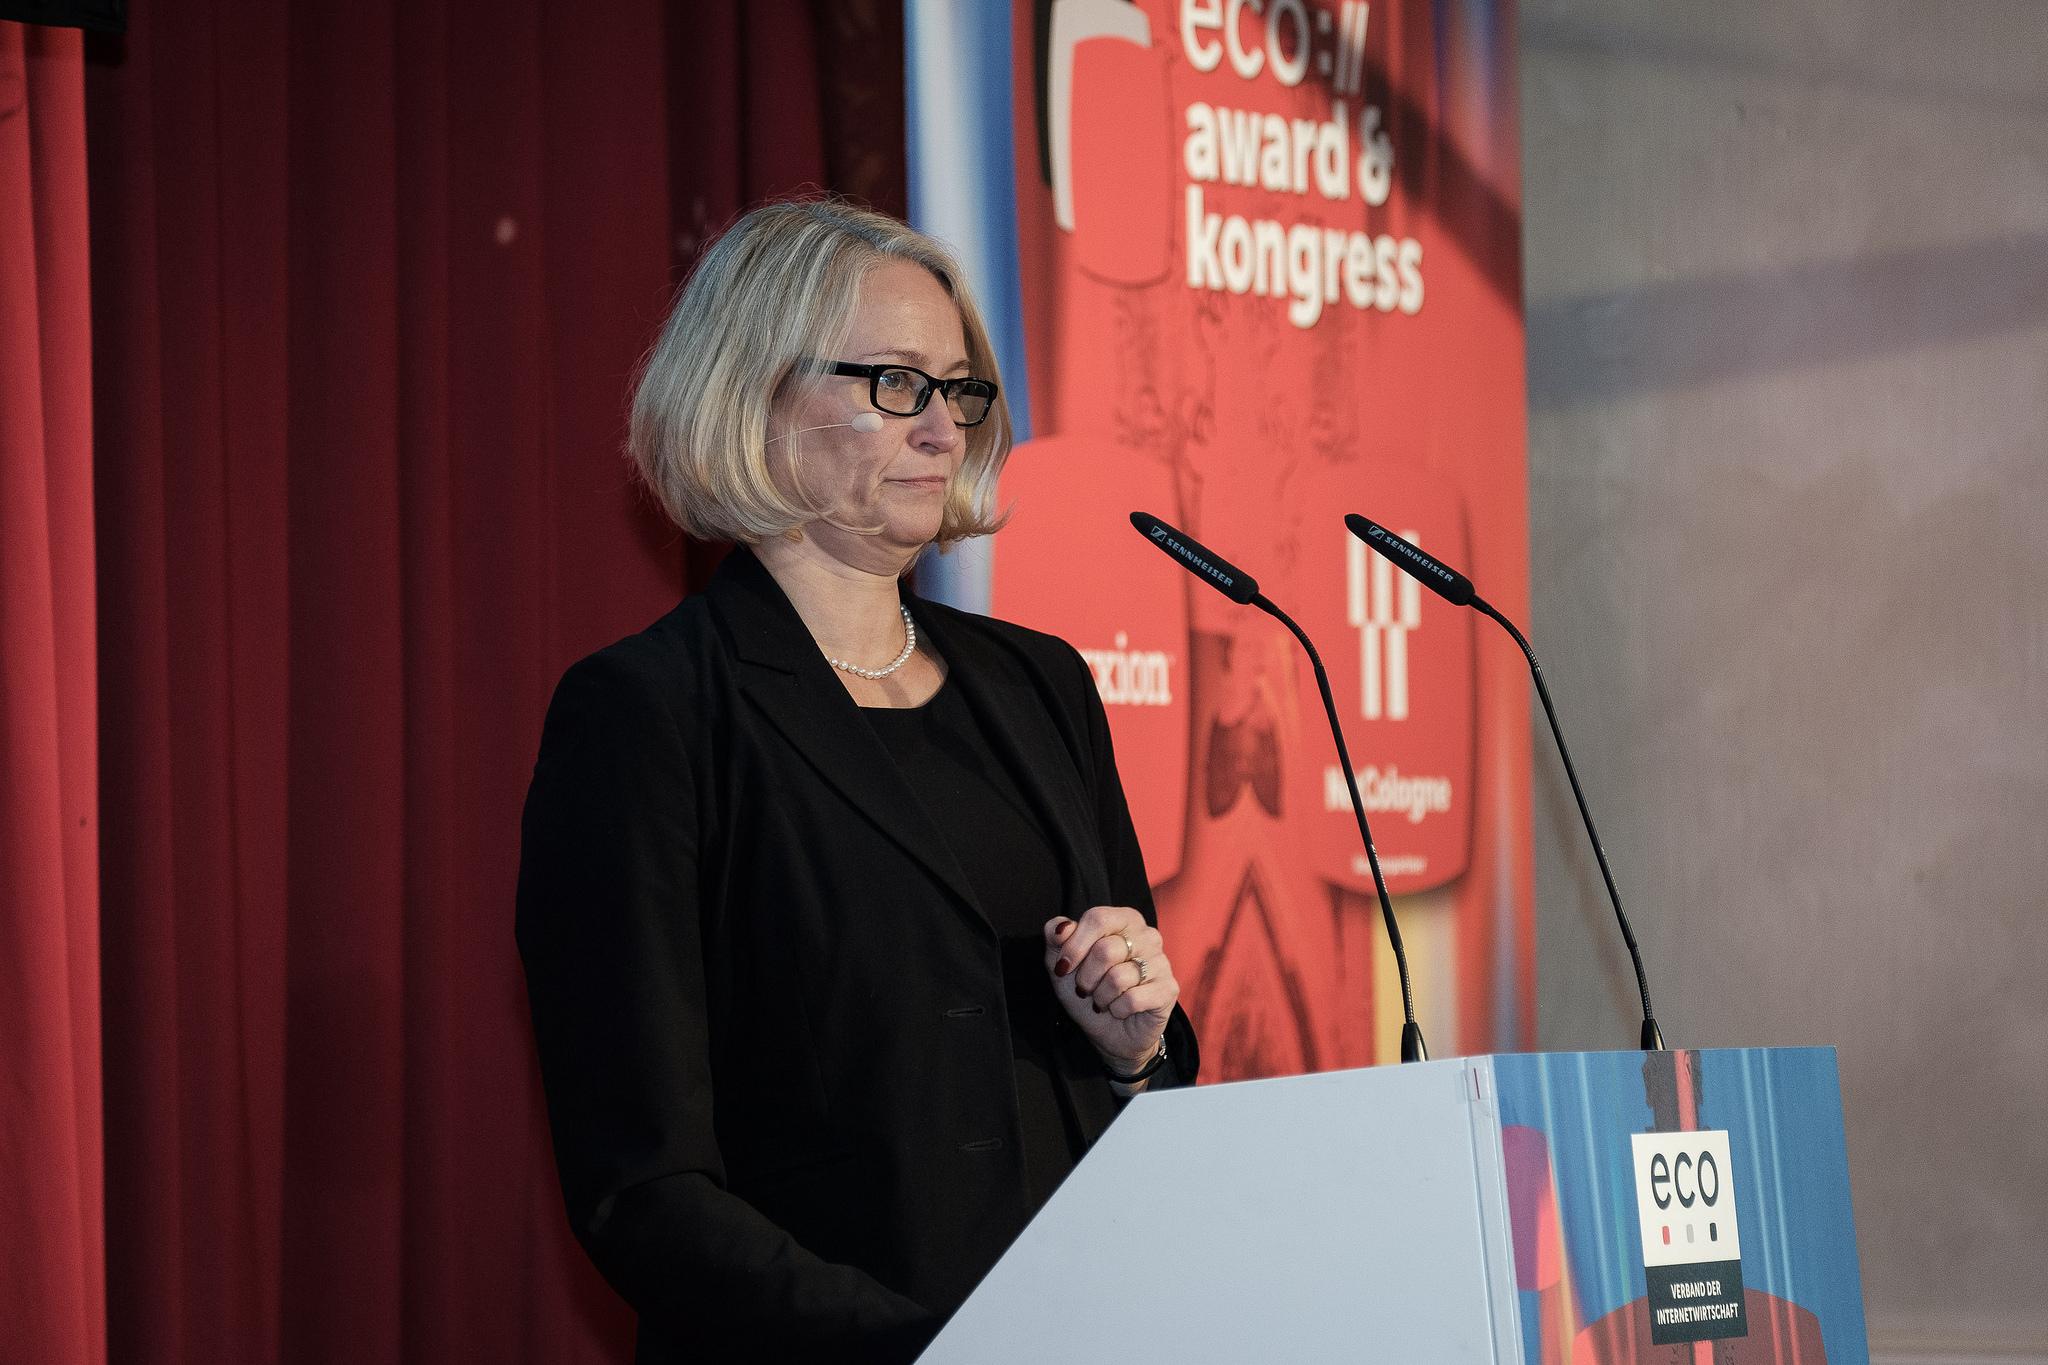 eco://kongress & eco:awards: Gemeinsam die digitale Zukunft gestalten 10